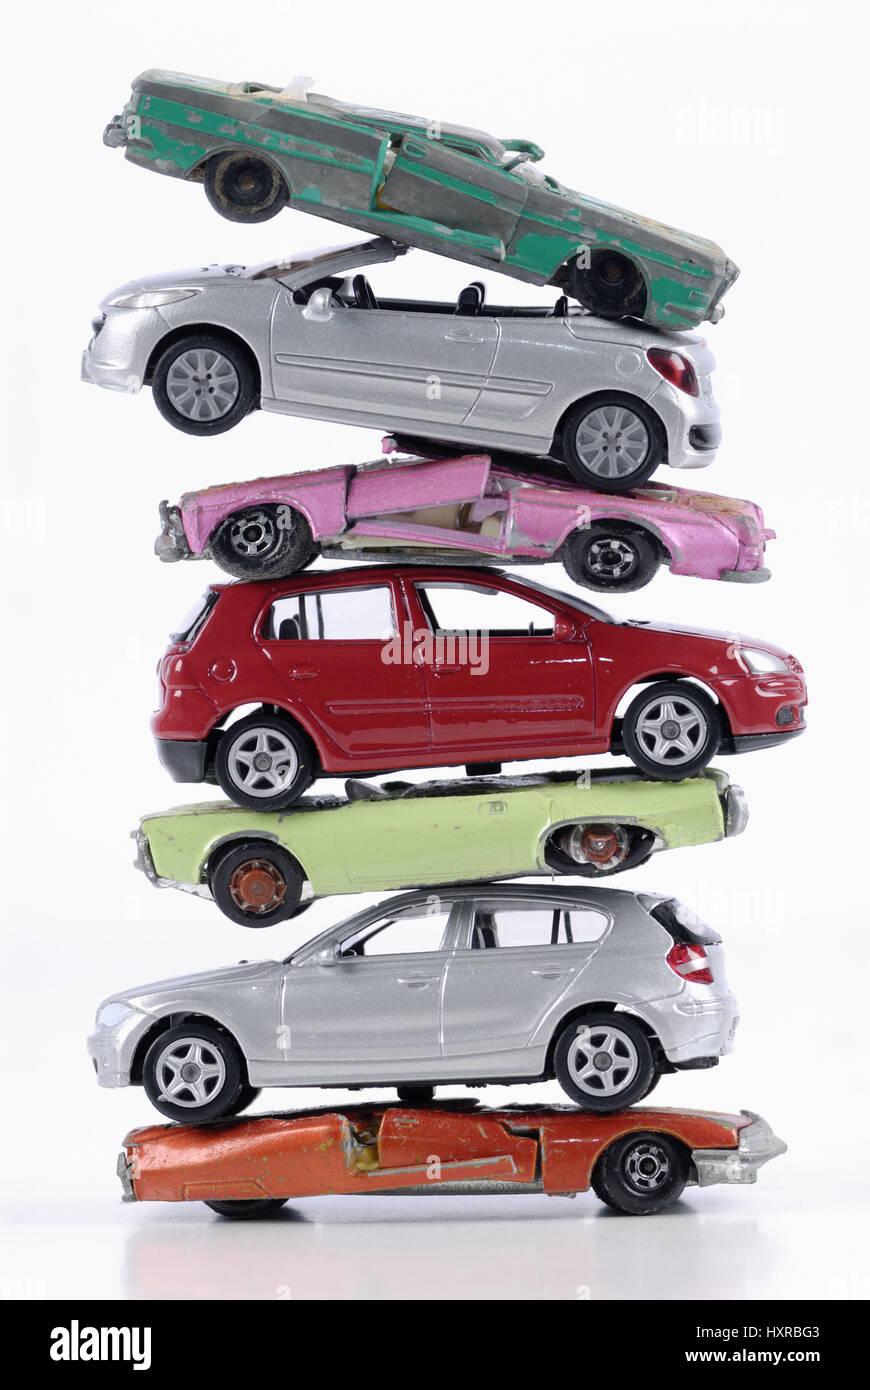 Roto y apiladas nuevos automóviles en miniatura, el estancamiento de las nuevas ventas de carro al final de la caja, Kaputte clunkers und neue gestapelte Miniaturautos, sto Foto de stock